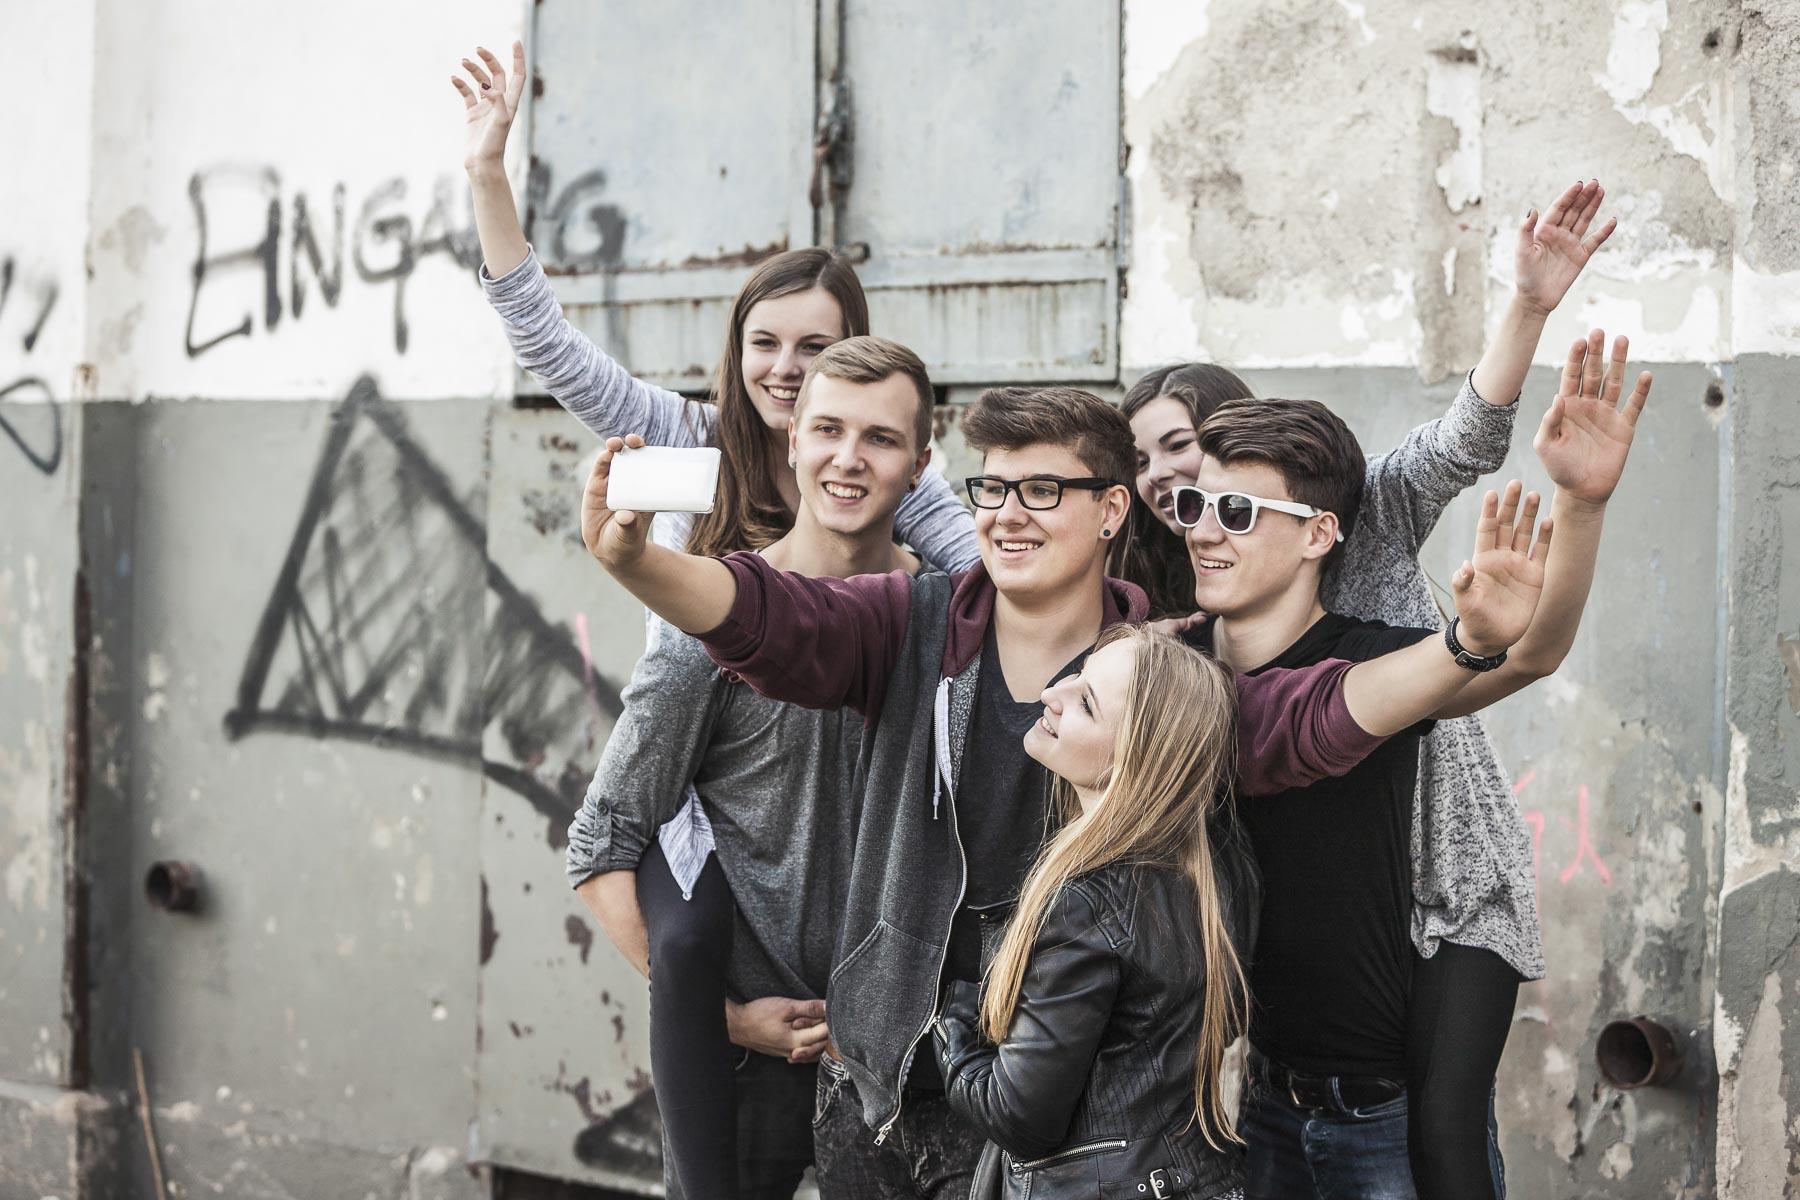 Gruppe Teenager machen ein Selfie. Lifestyle - Derek Henthorn - Fotograf München